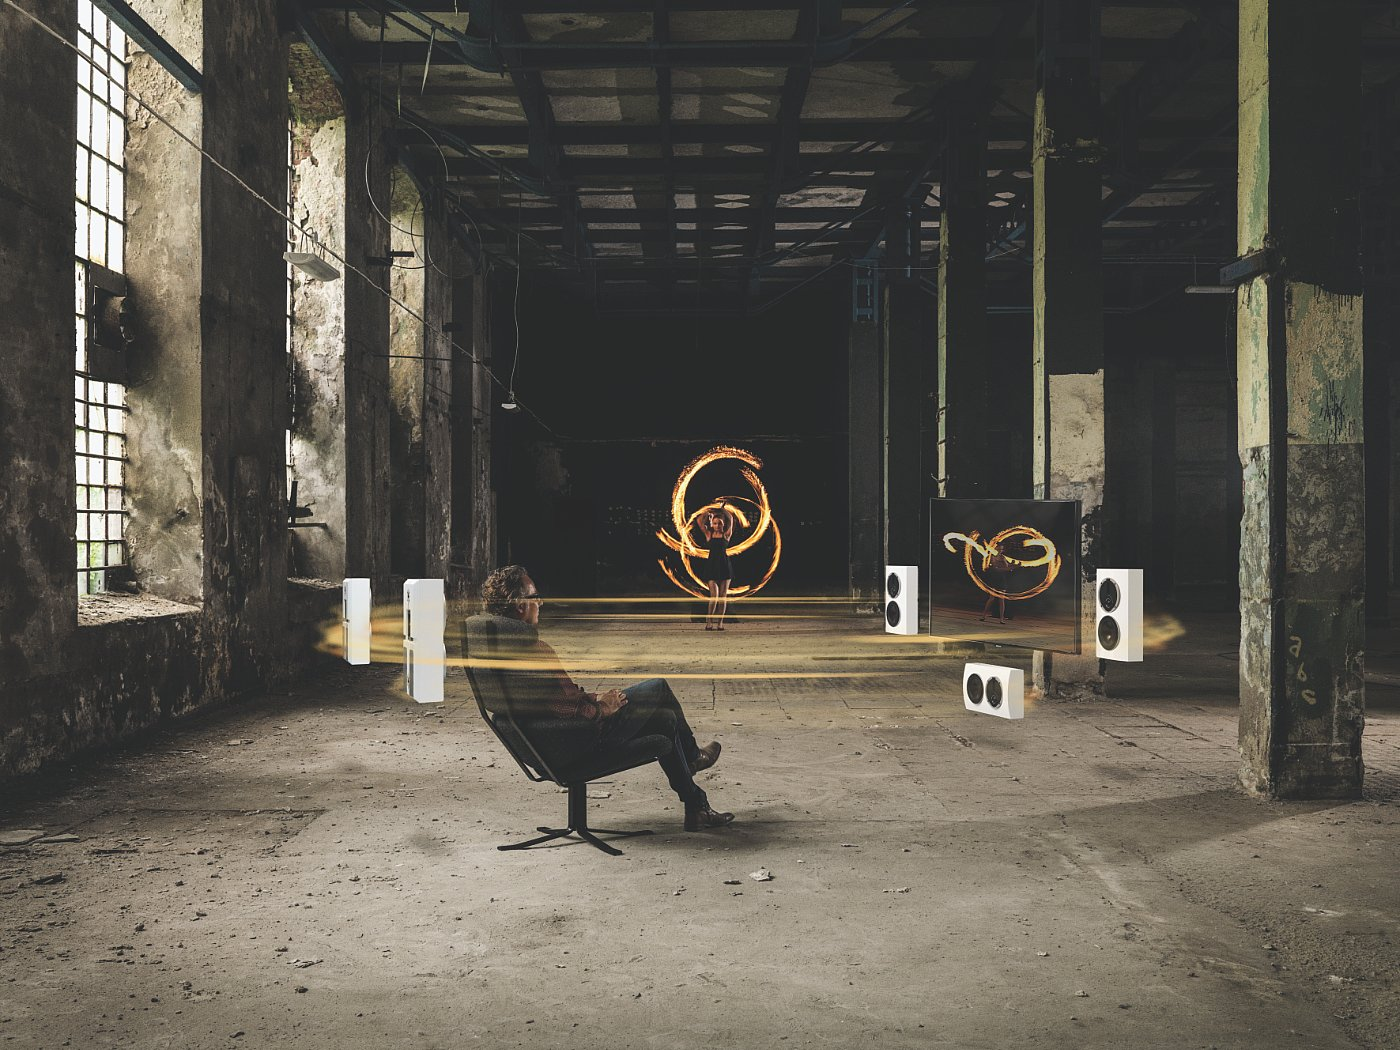 DALI RUBICON LCR - PHOTOGRAPH COURTESY OF DALI A/S